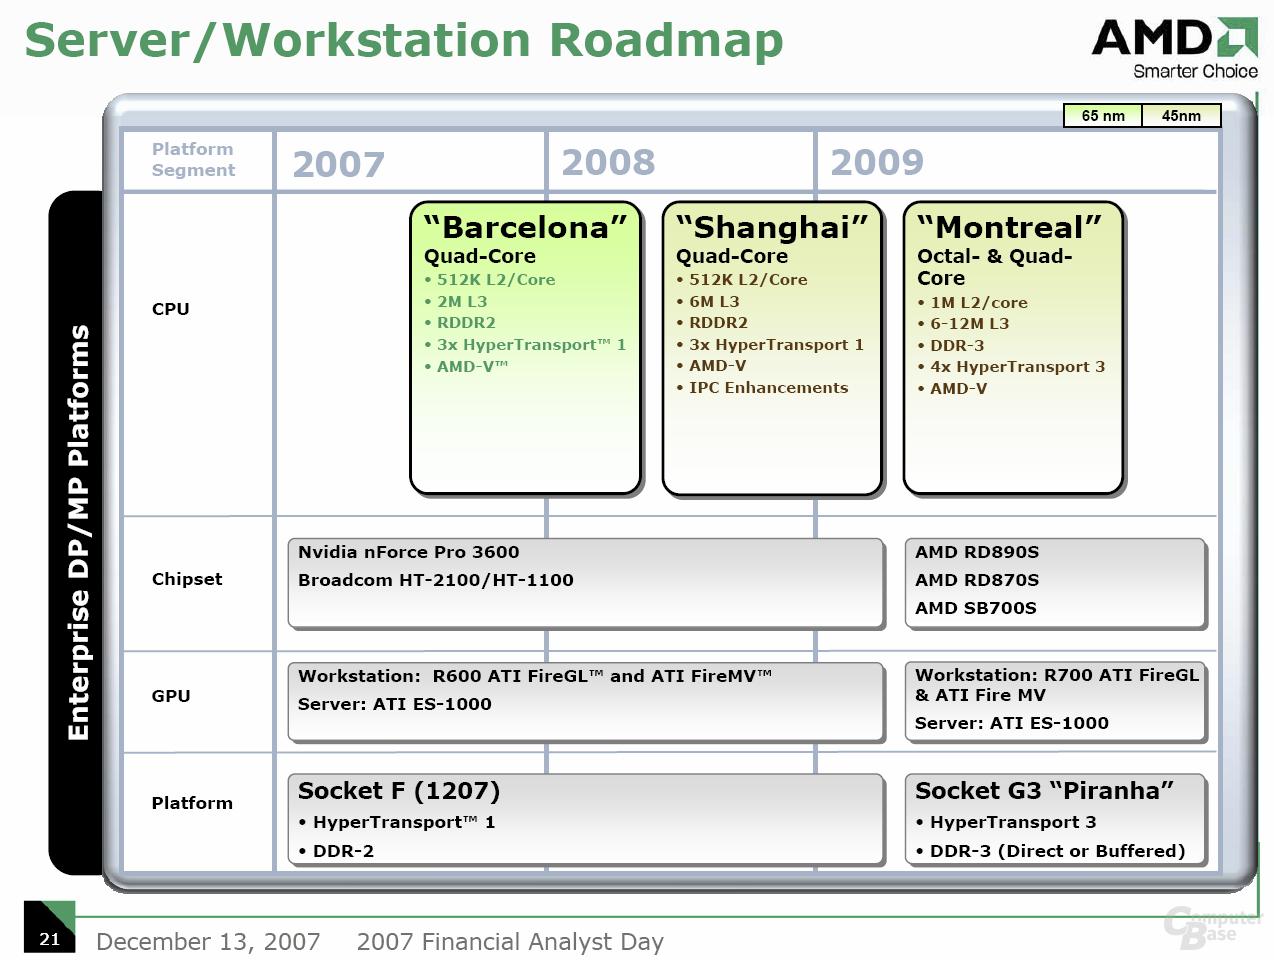 AMD Server/Workstation Roadmap